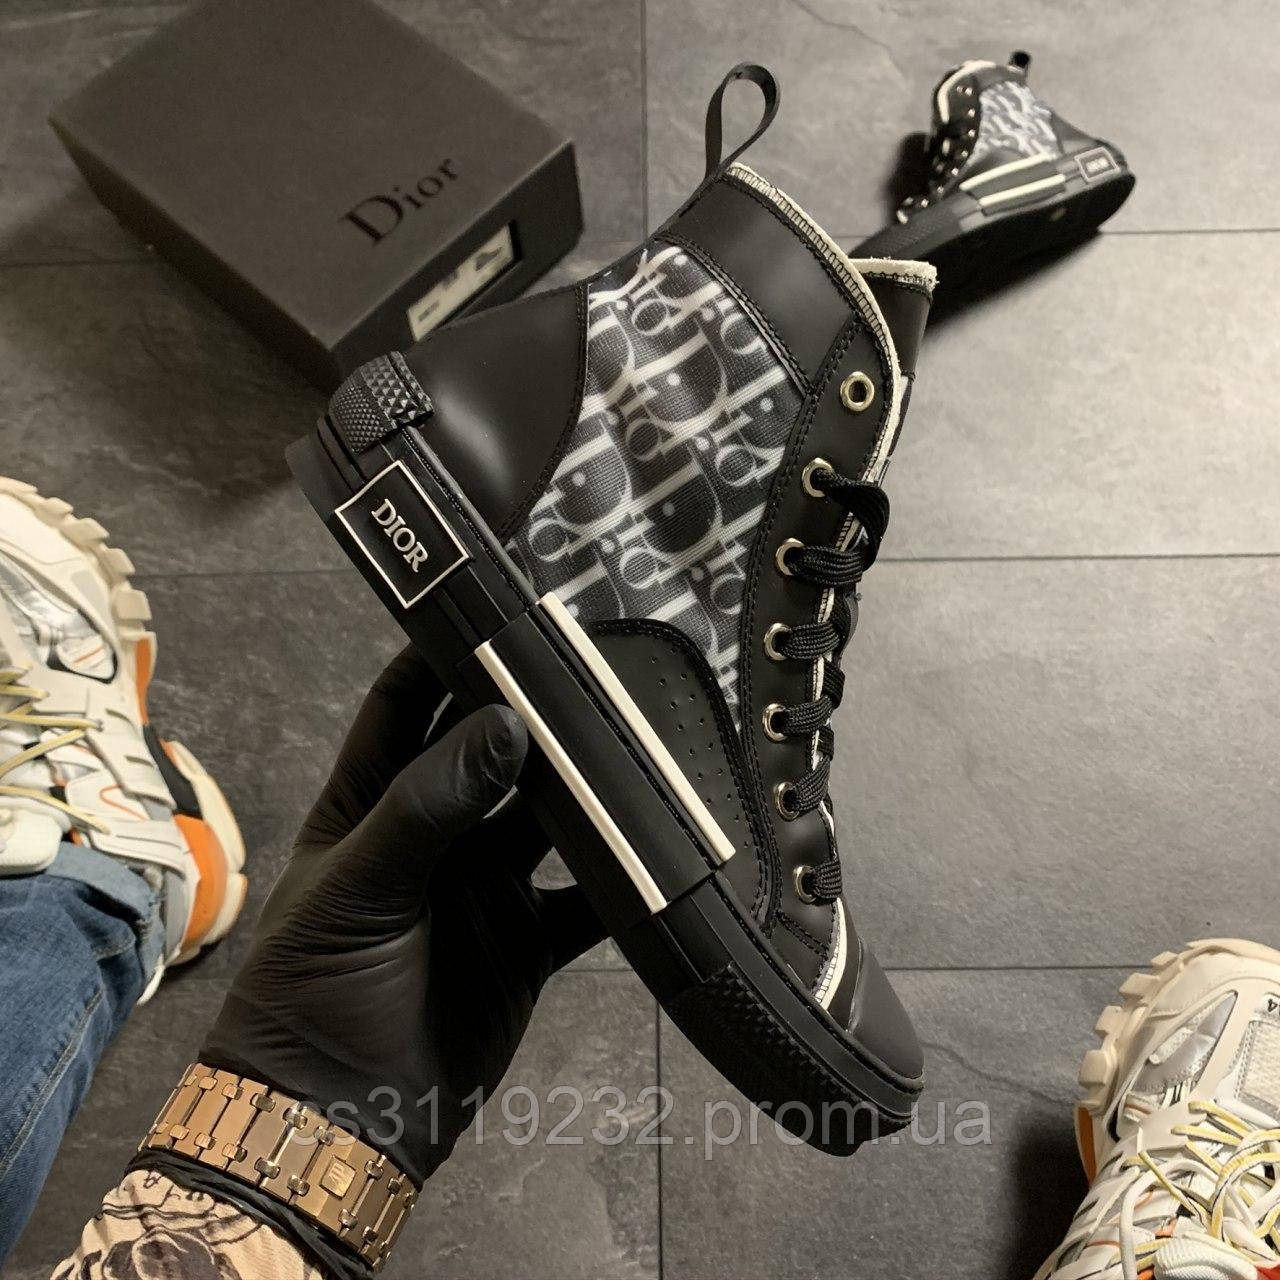 Жіночі кросівки Dior B23 High-Top Sneakers Black (чорний)